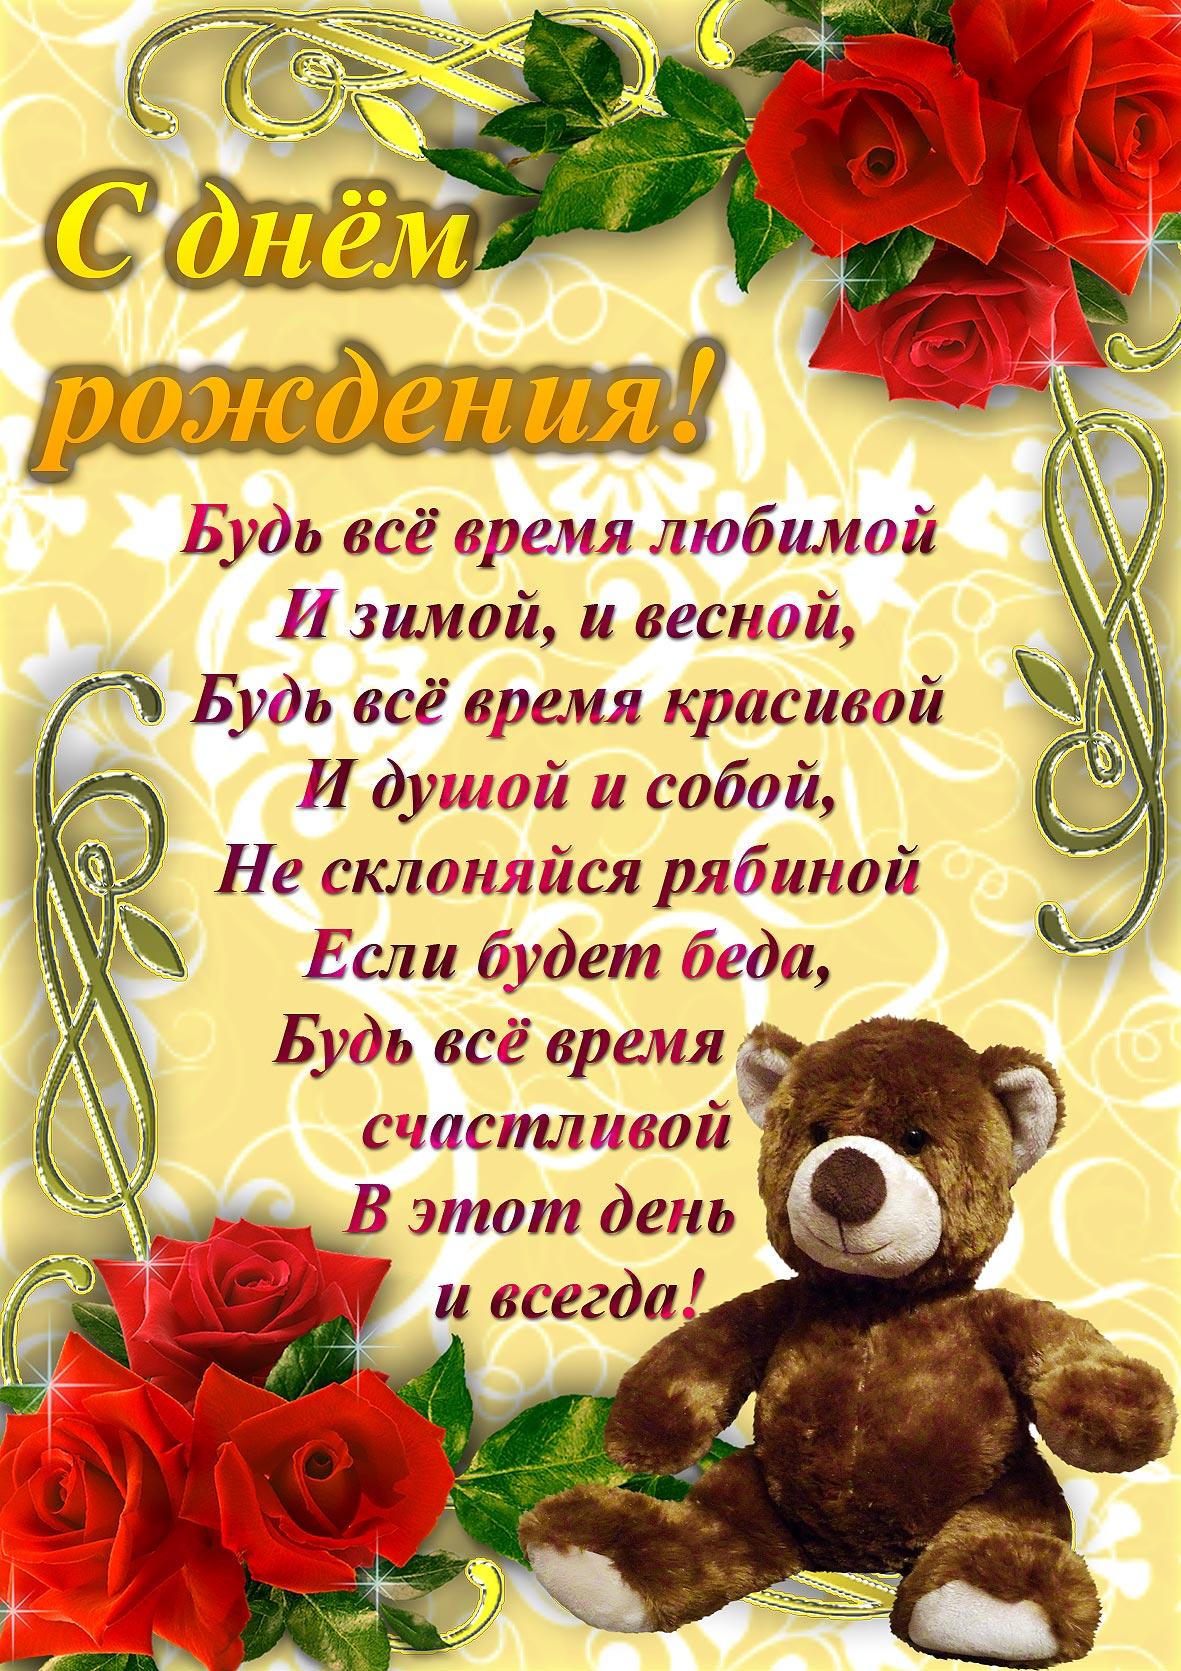 Официальные поздравления с днем рождения картинки